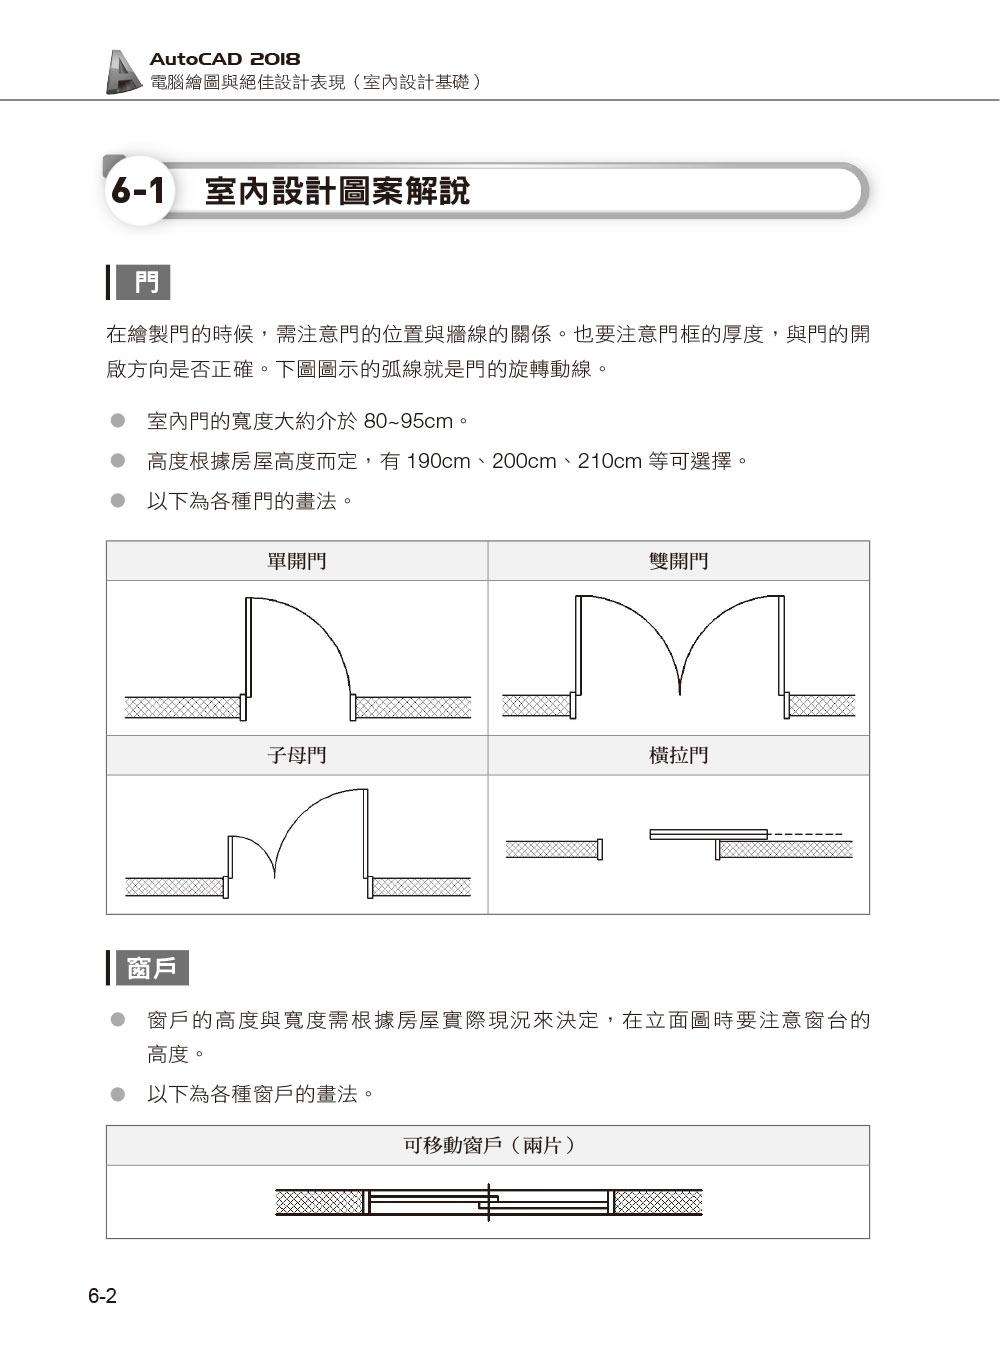 ◤博客來BOOKS◢ 暢銷書榜《推薦》AutoCAD 2018電腦繪圖與絕佳設計表現:室內設計基礎(附620分鐘基礎影音教學/範例檔)